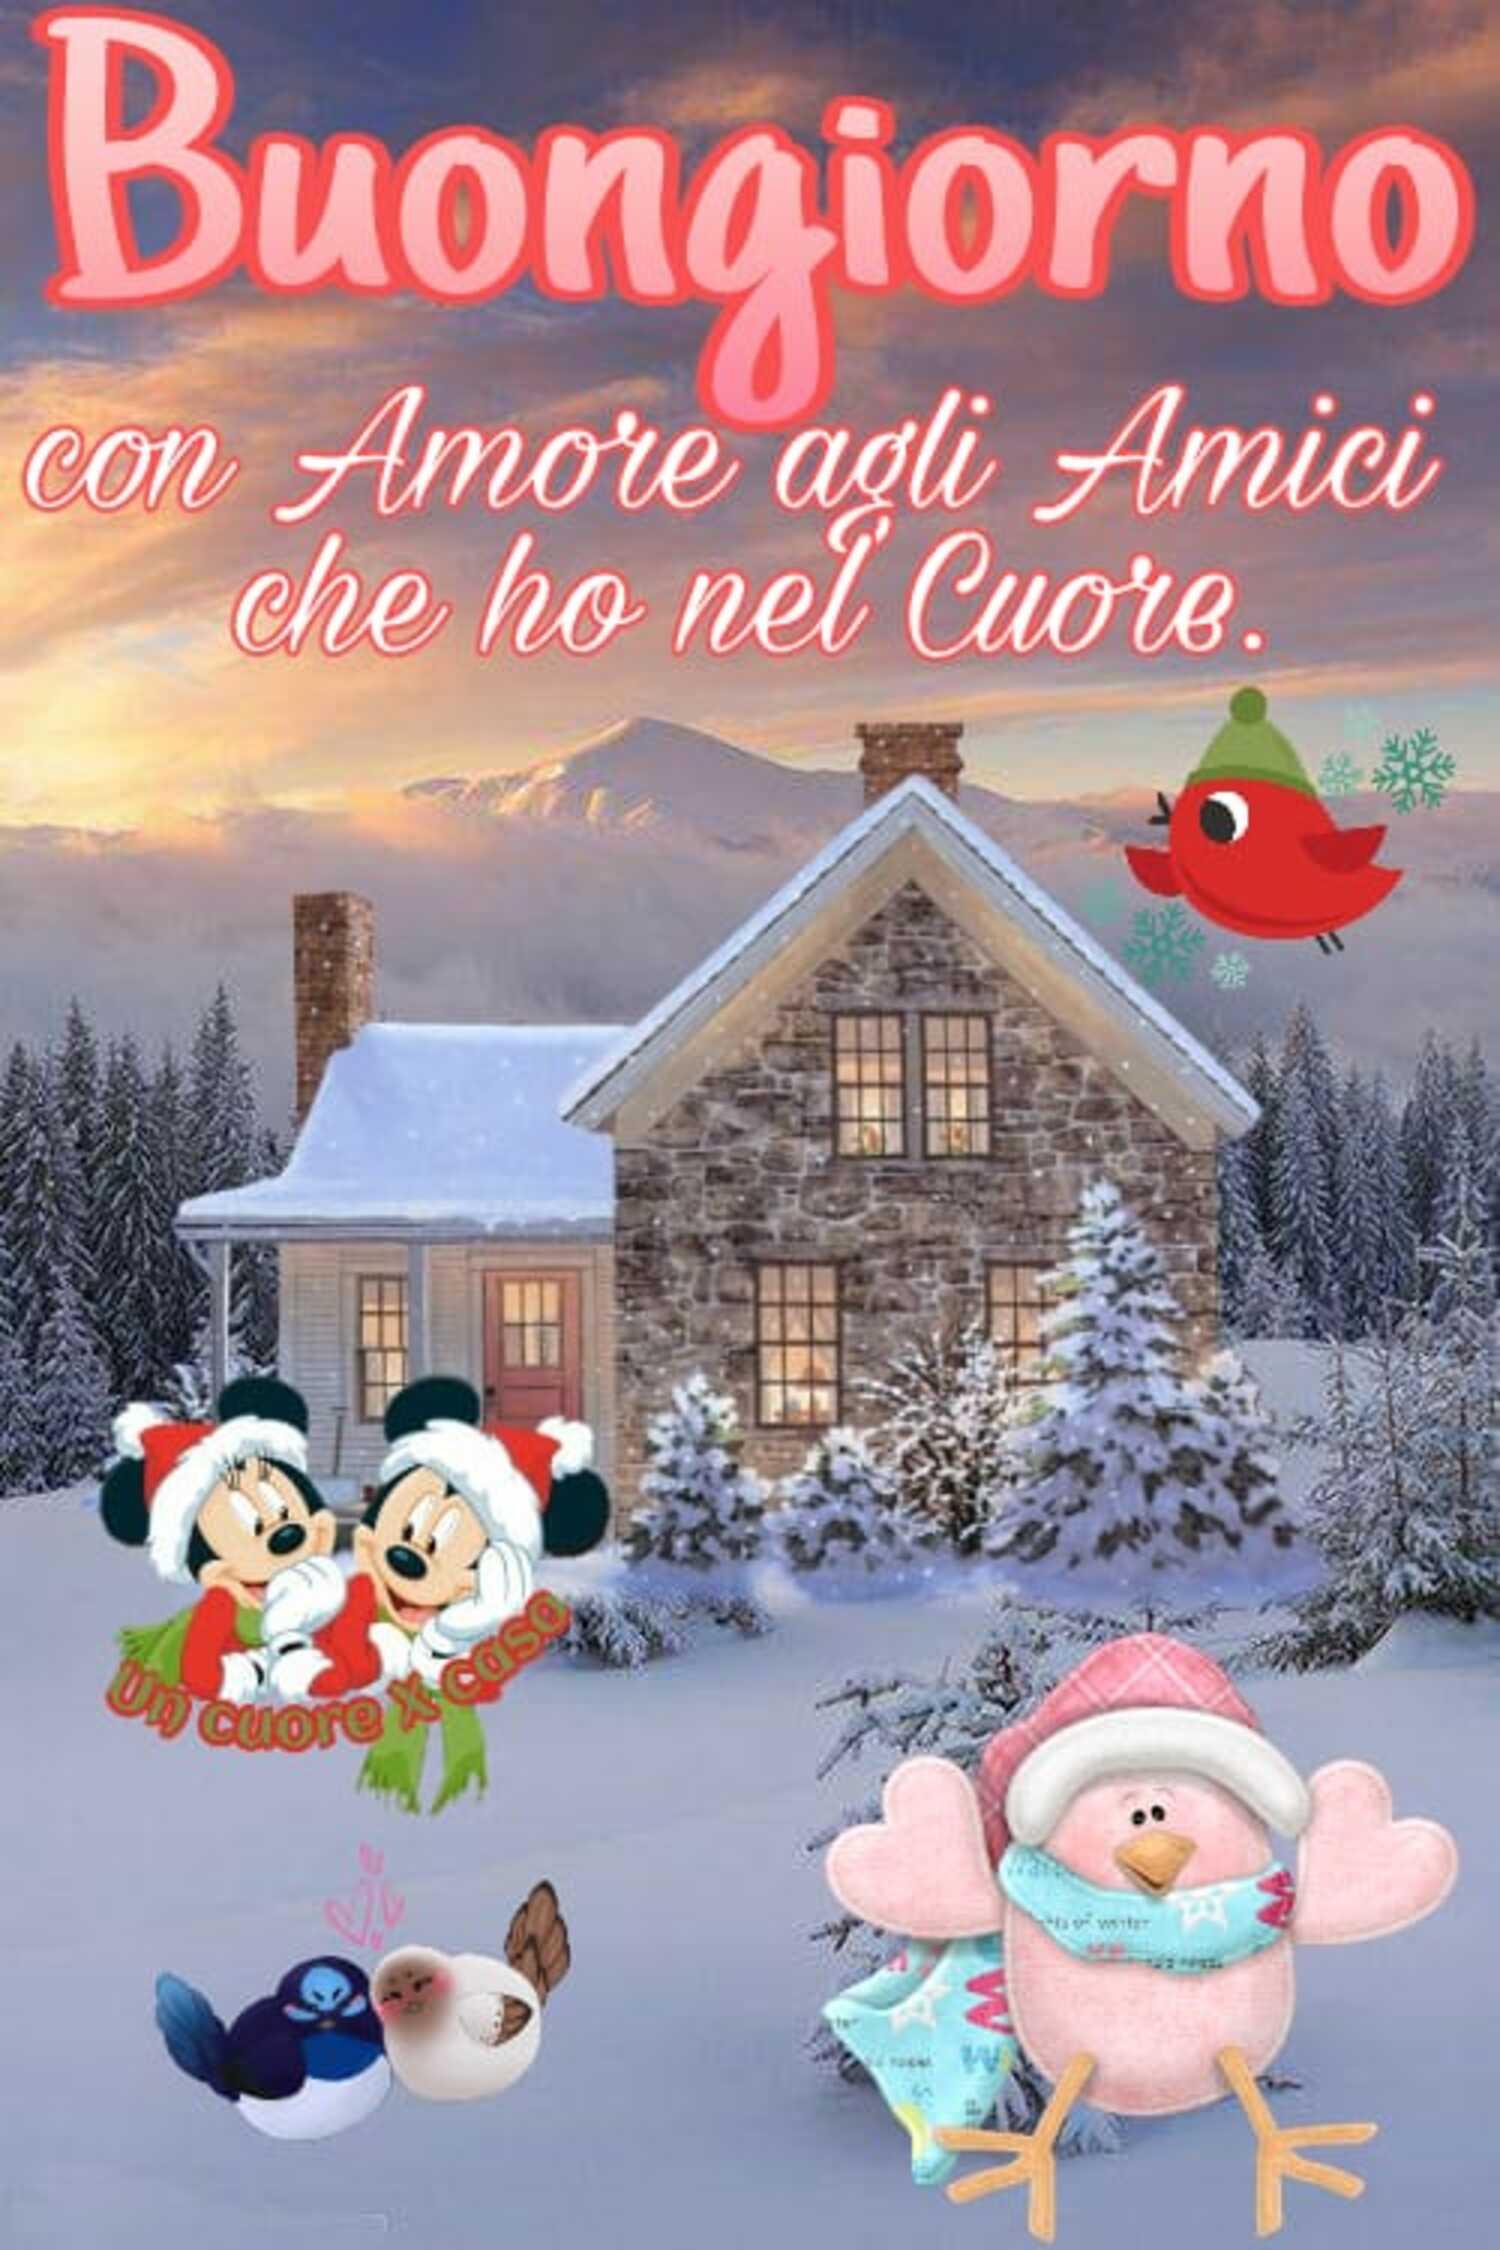 Il Buongiorno natalizio